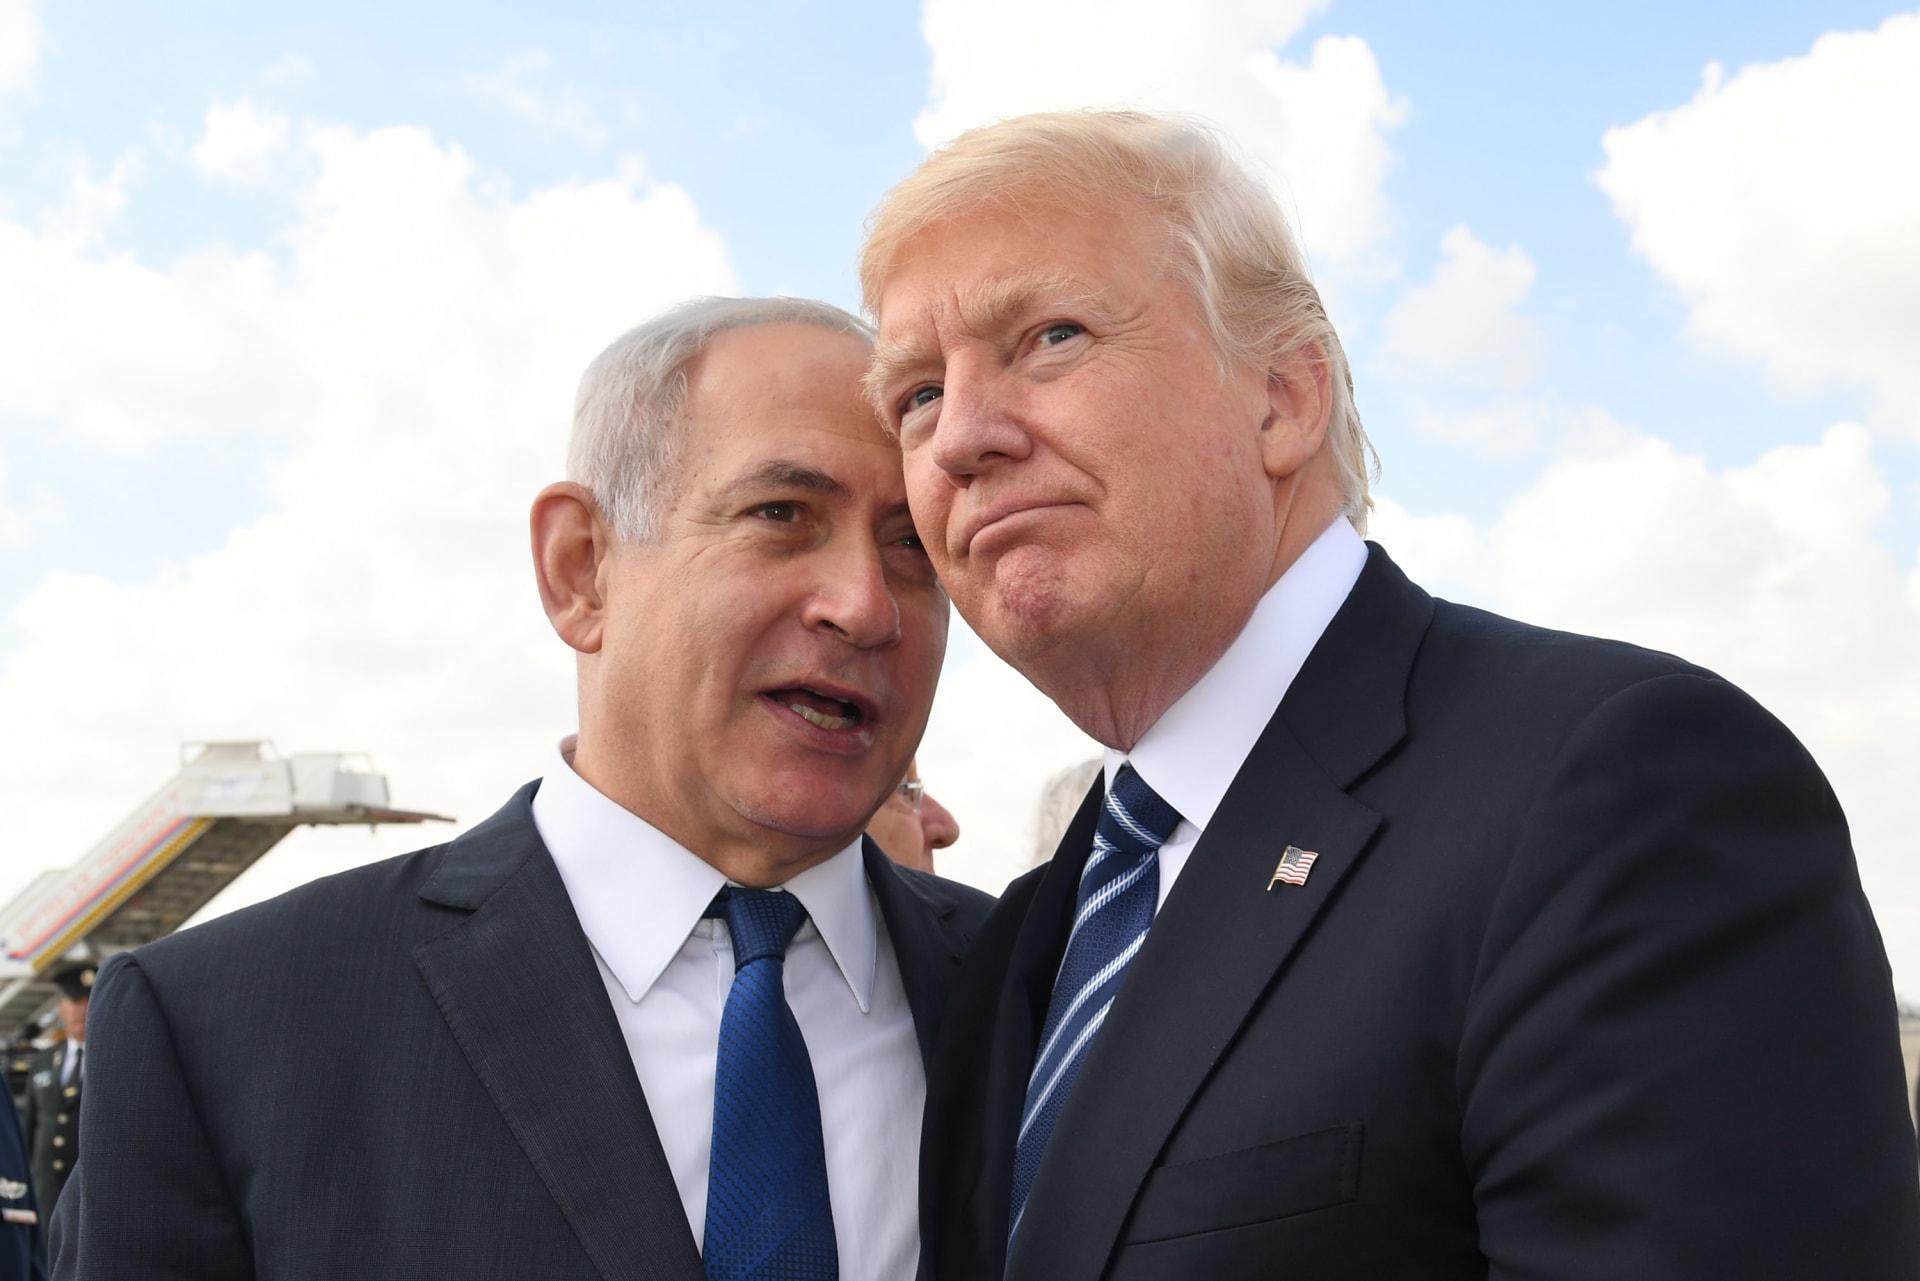 مصدر يكشف لـCNN موعد الإعلان الرسمي لاعتراف أمريكا بسيادة إسرائيل على الجولان